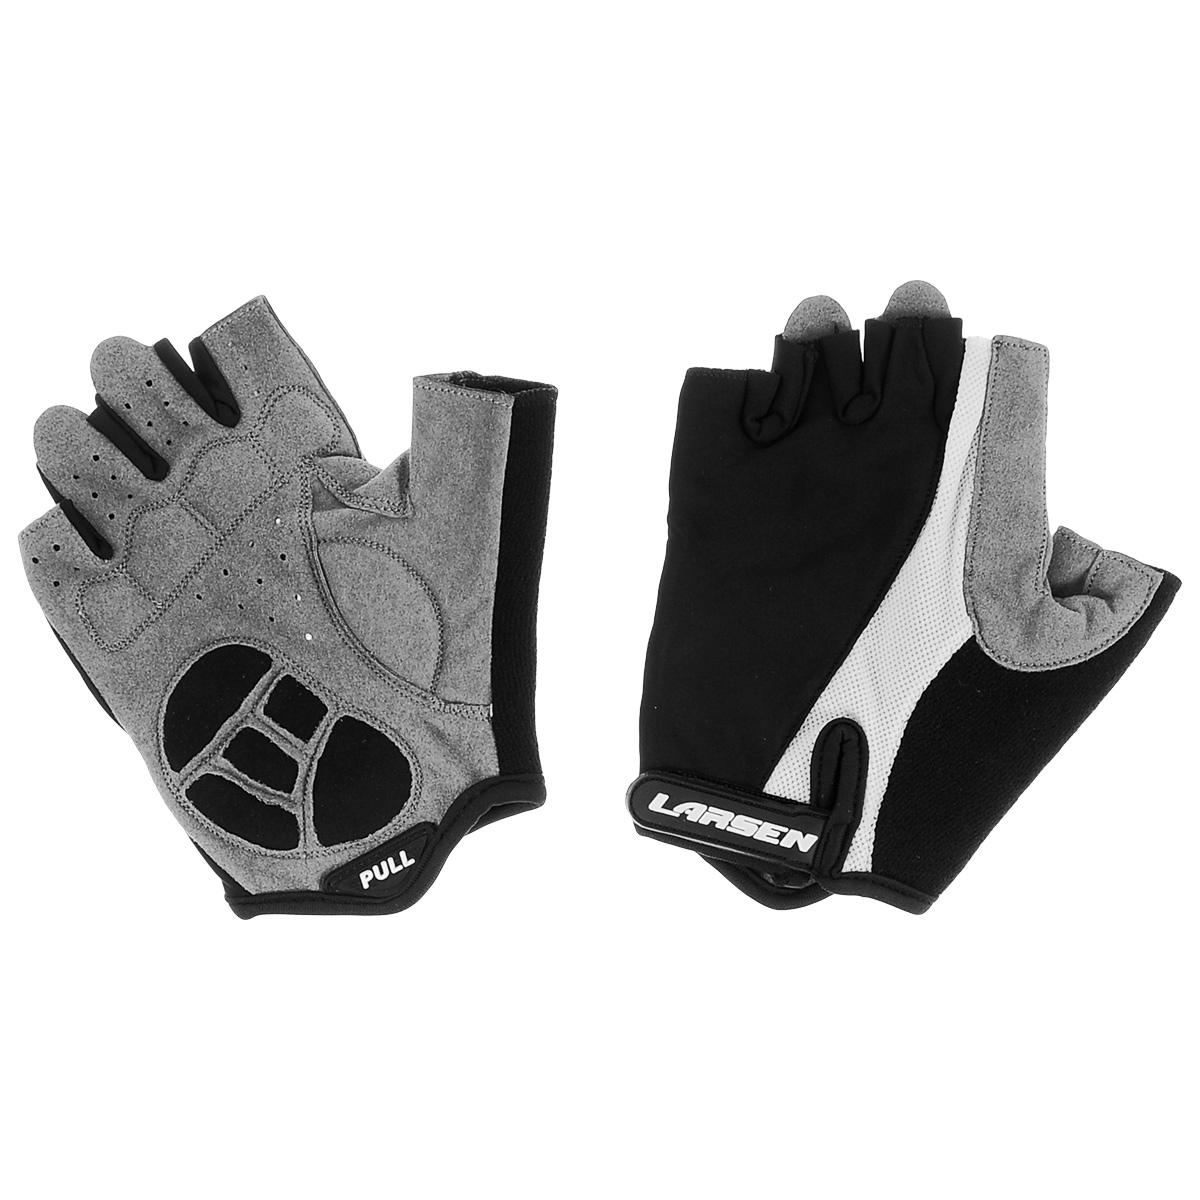 Велоперчатки Larsen, цвет: черный, серый, белый. Размер M. 01-122601-1226Велоперчатки Larsen выполнены из высококачественного нейлона и амары. На ладонях расположены мягкие вставки для повышенного сцепления и системой Pull Off на пальцах. Застежка Velcro надежно фиксирует перчатки на руке. Сетка способствует хорошей вентиляции.